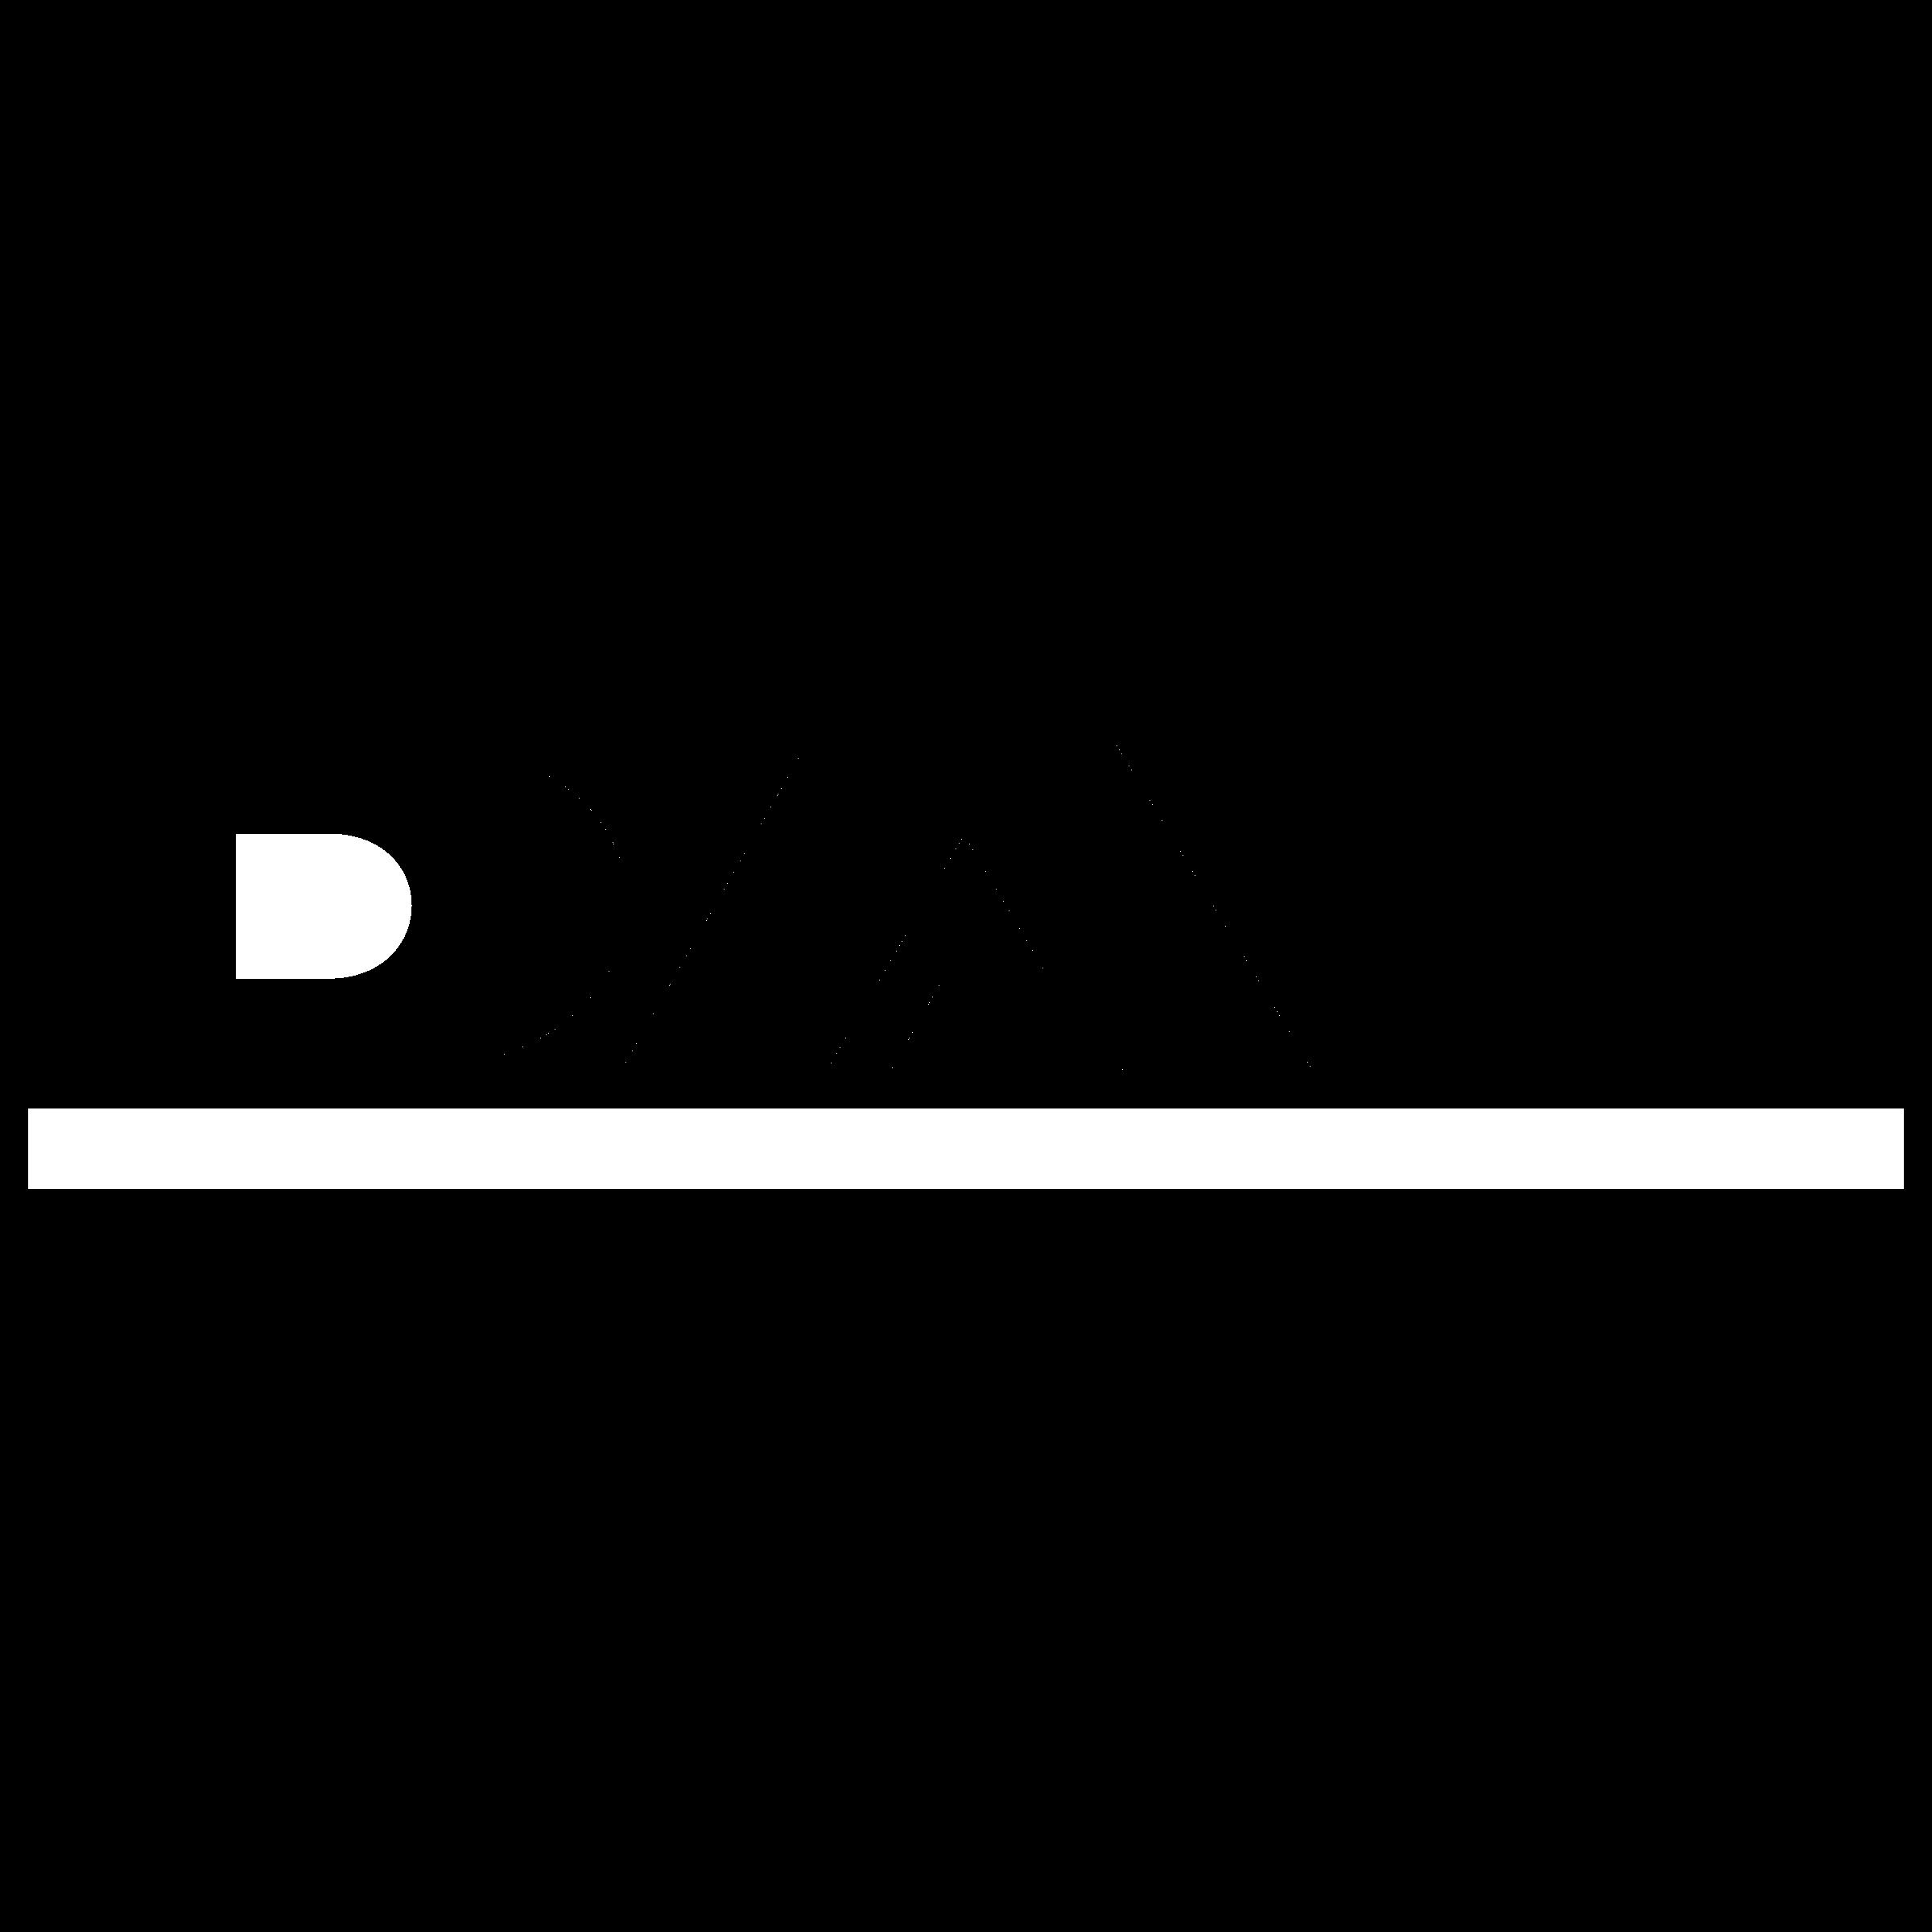 DAF Logo PNG Transparent & SVG Vector